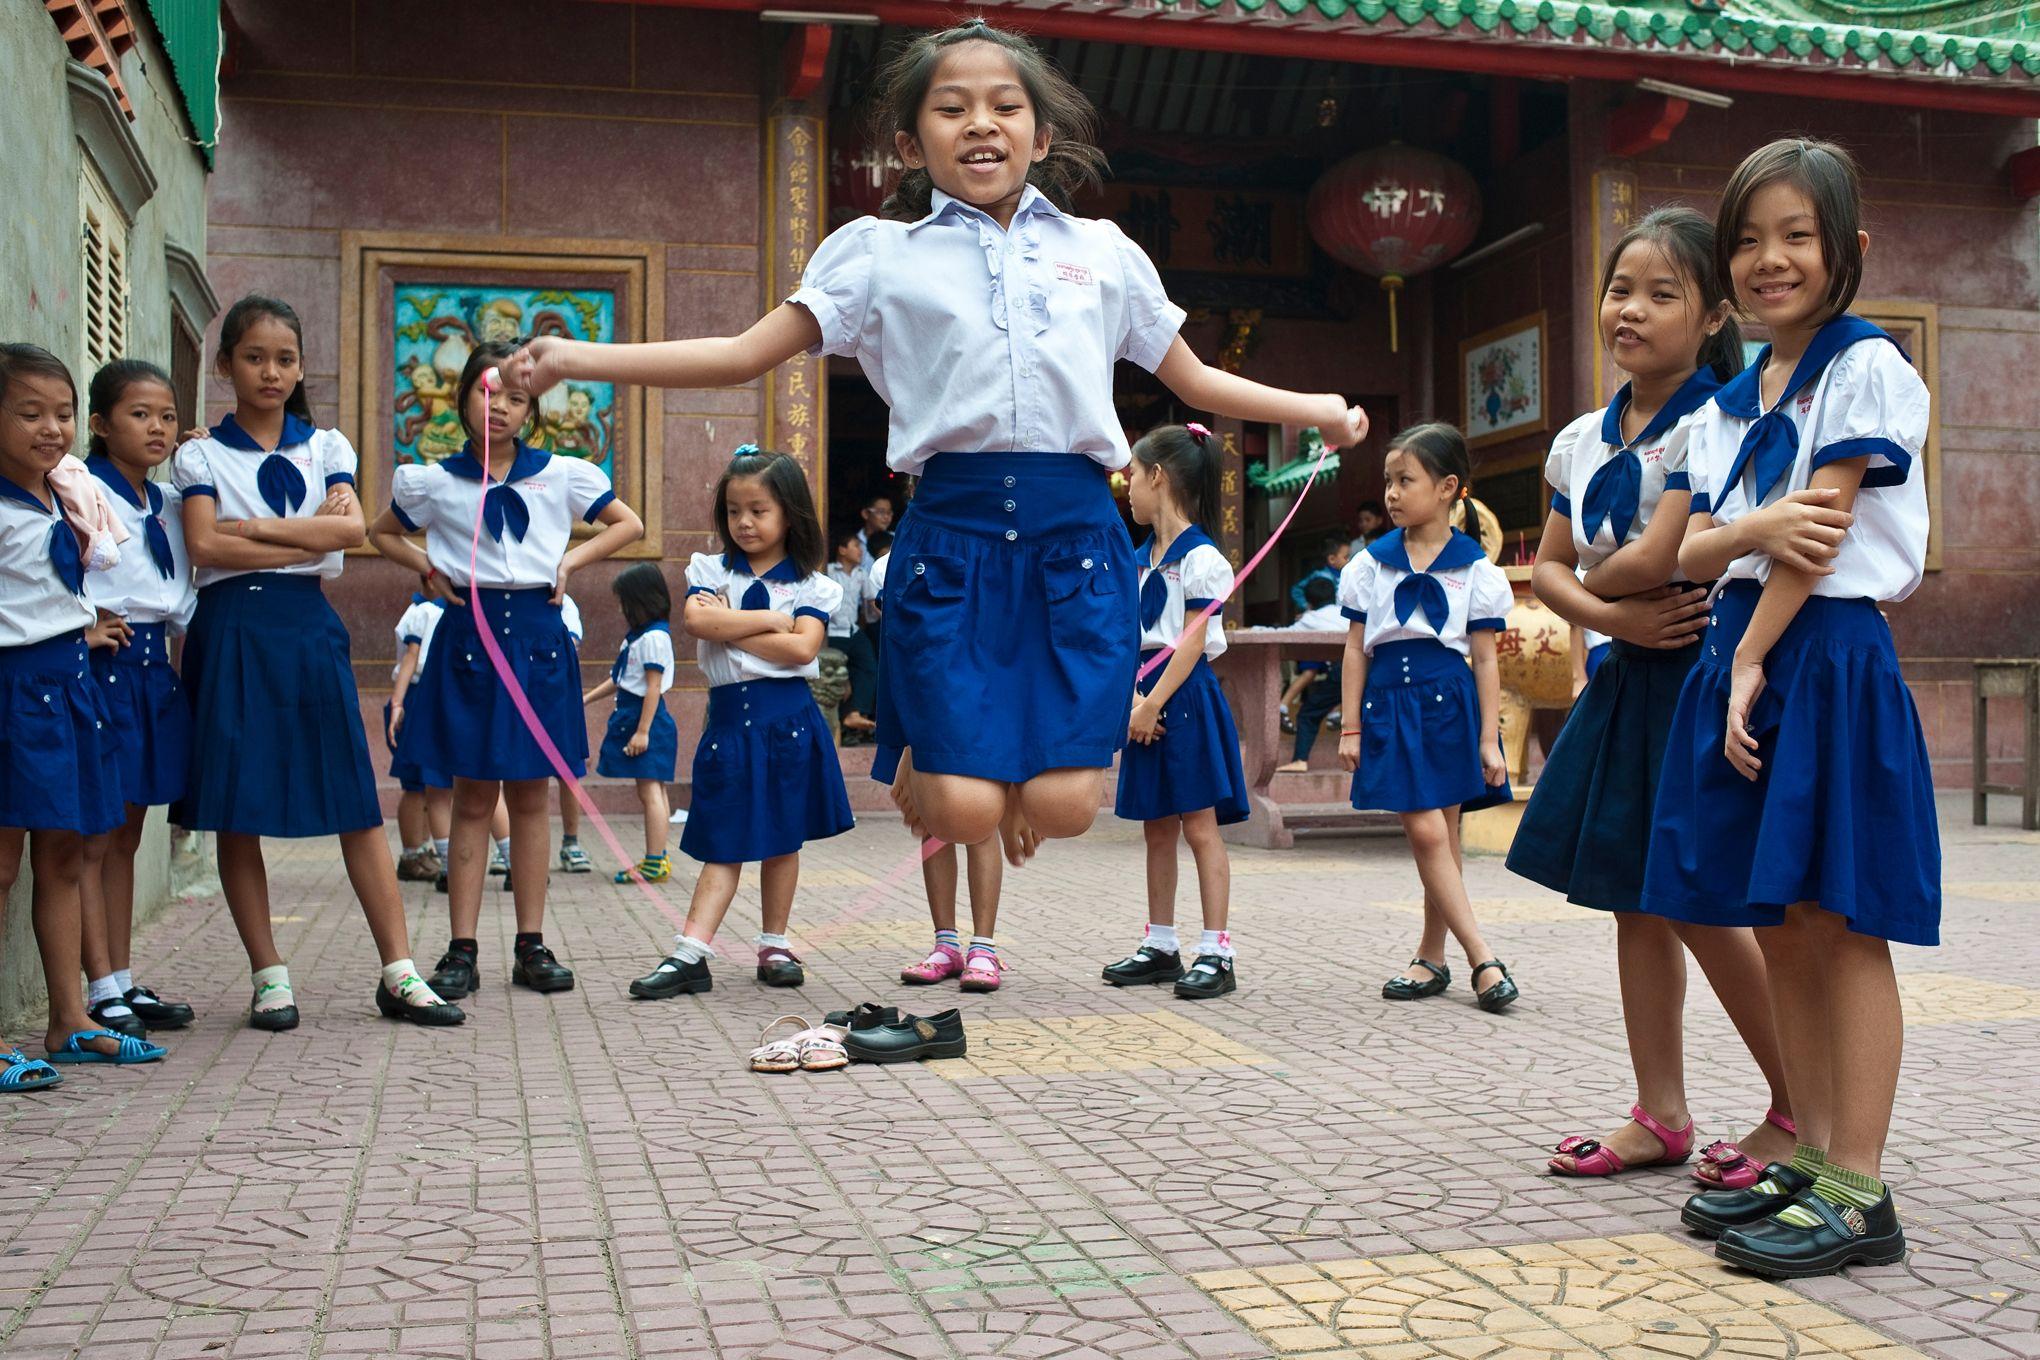 avantages uniformes scolaires